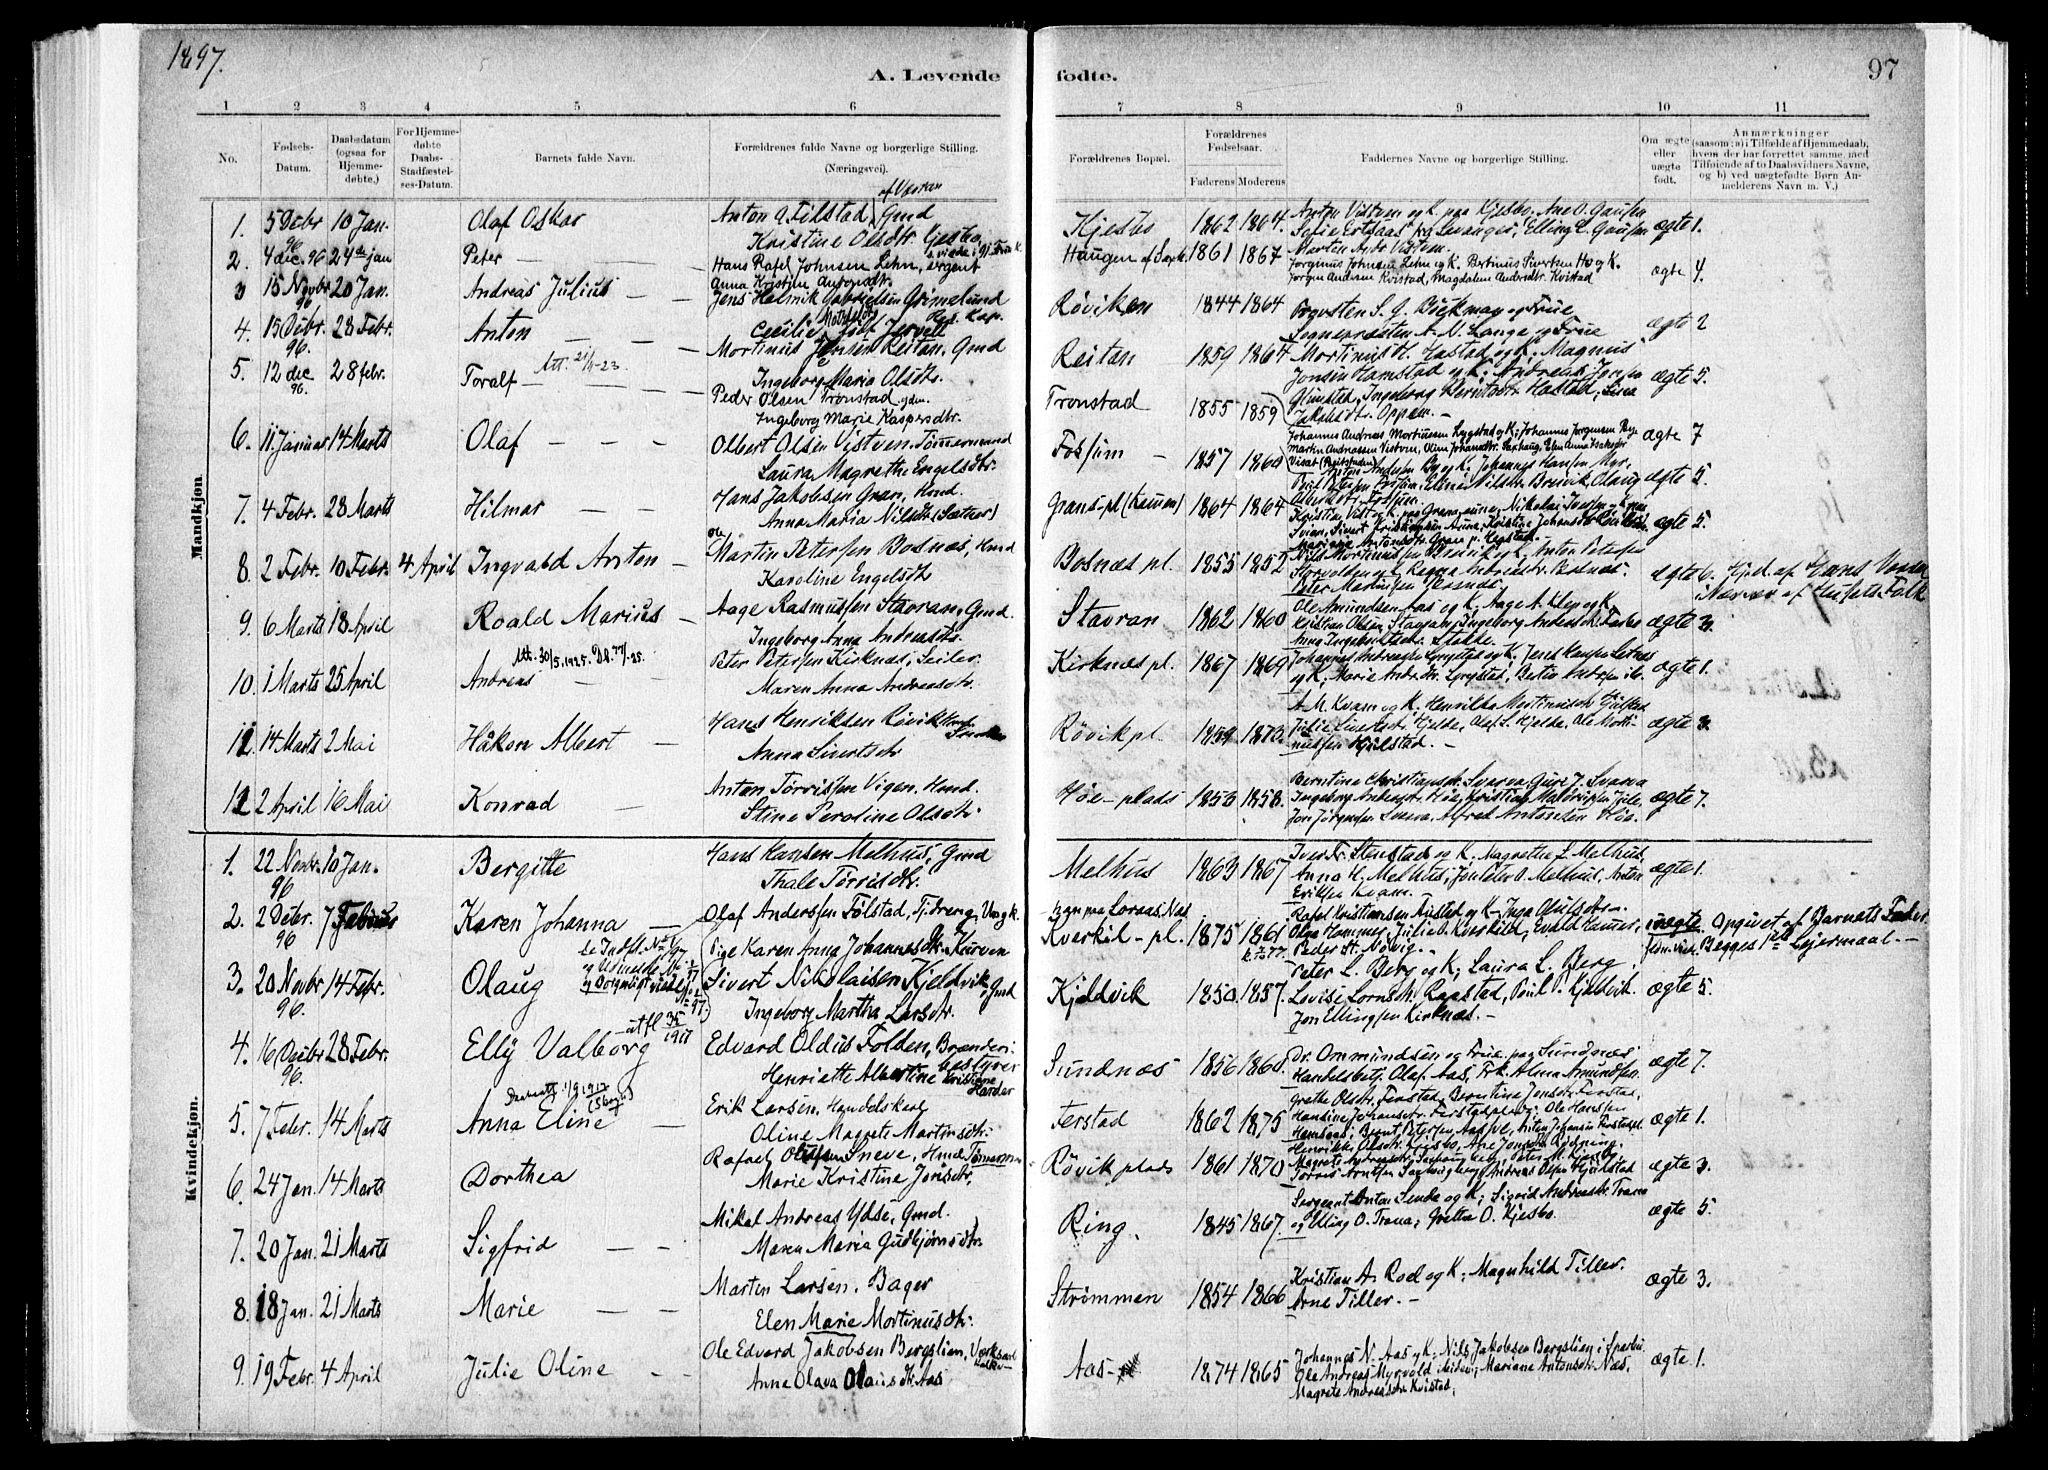 SAT, Ministerialprotokoller, klokkerbøker og fødselsregistre - Nord-Trøndelag, 730/L0285: Ministerialbok nr. 730A10, 1879-1914, s. 97